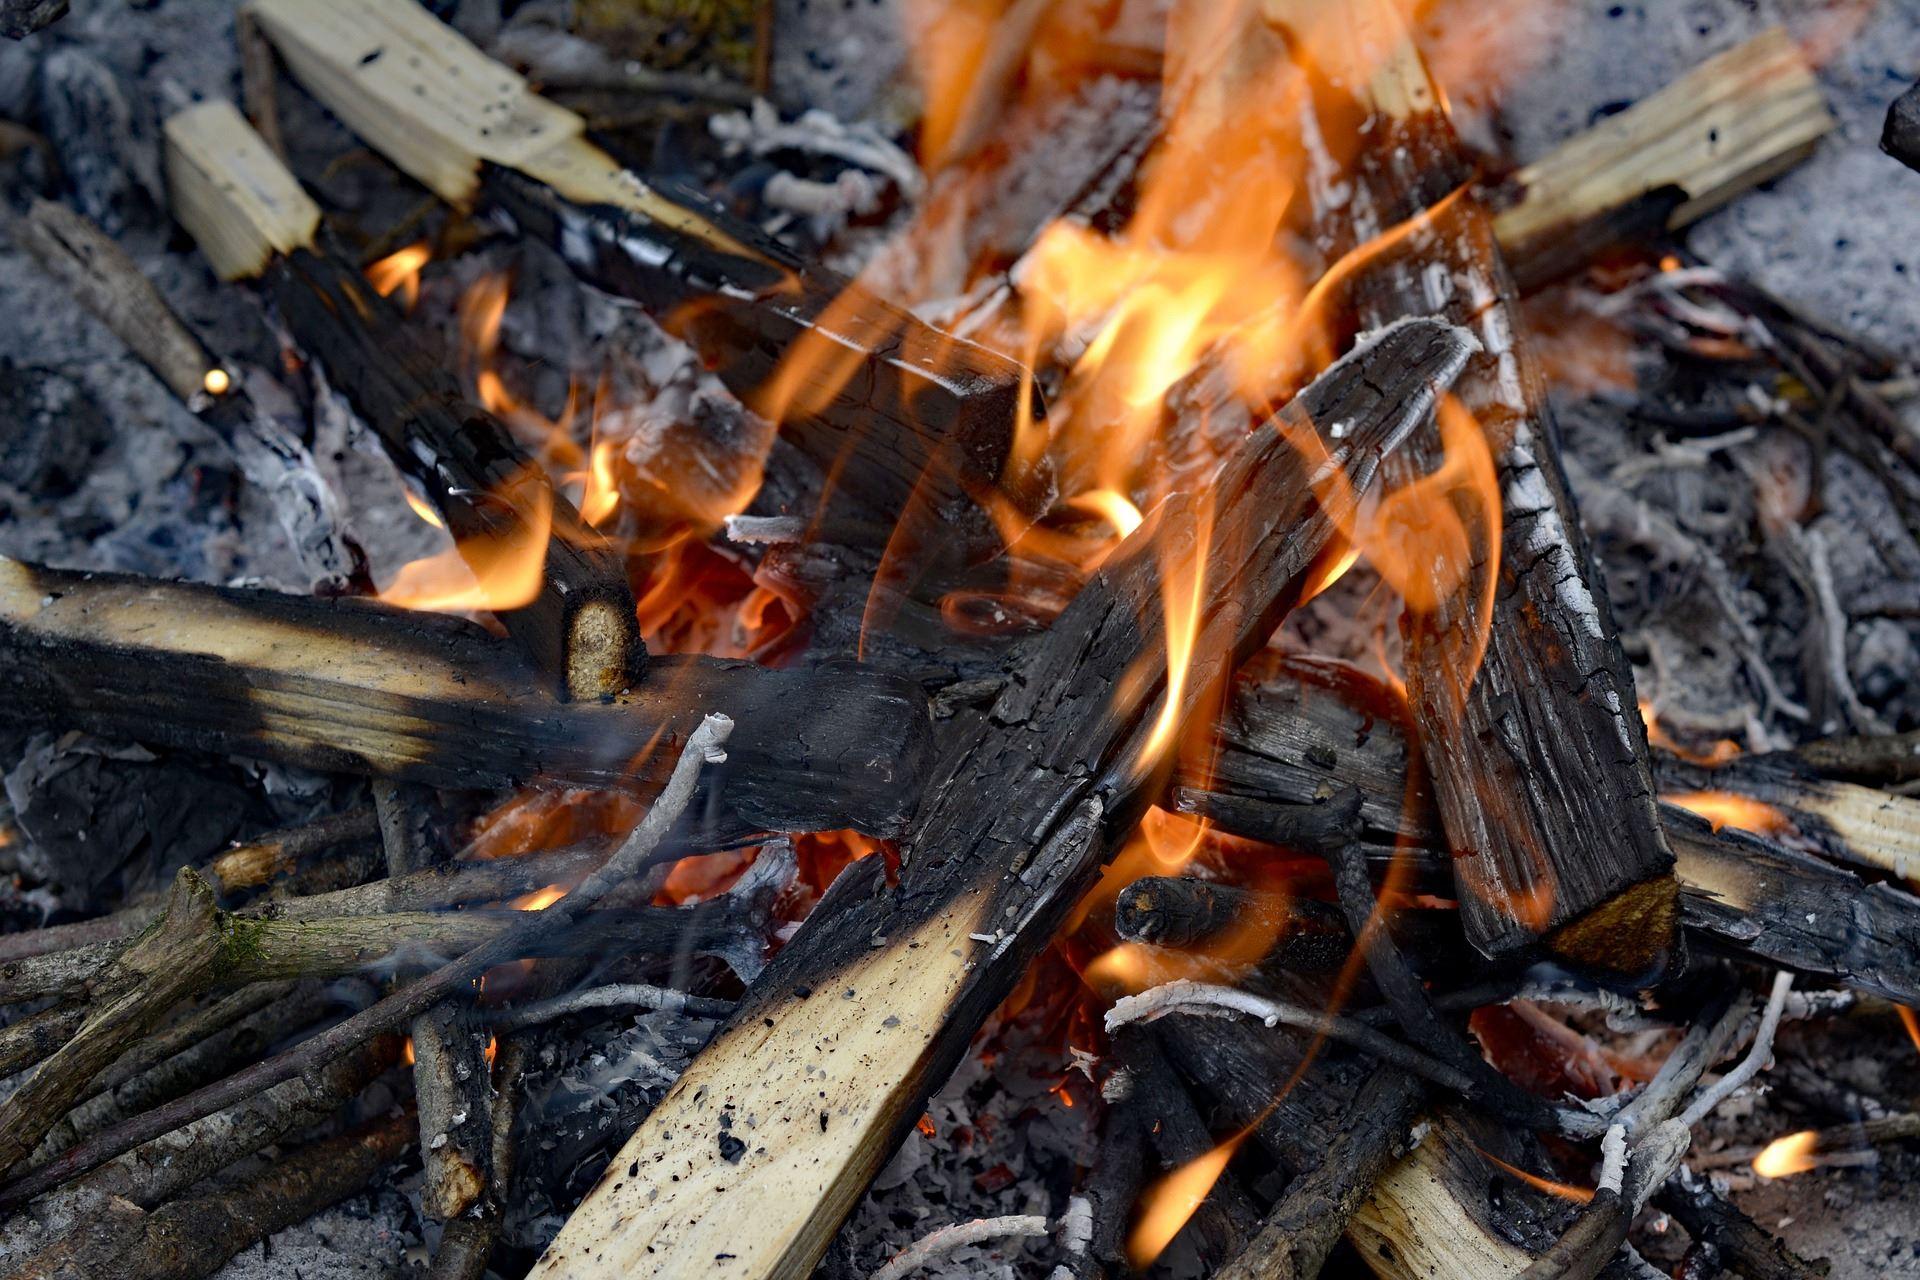 Naturnatten, harmånger, sindra, grillning,  © Naturnatten, harmånger, sindra, grillning, Naturnatten, harmånger, sindra, grillning